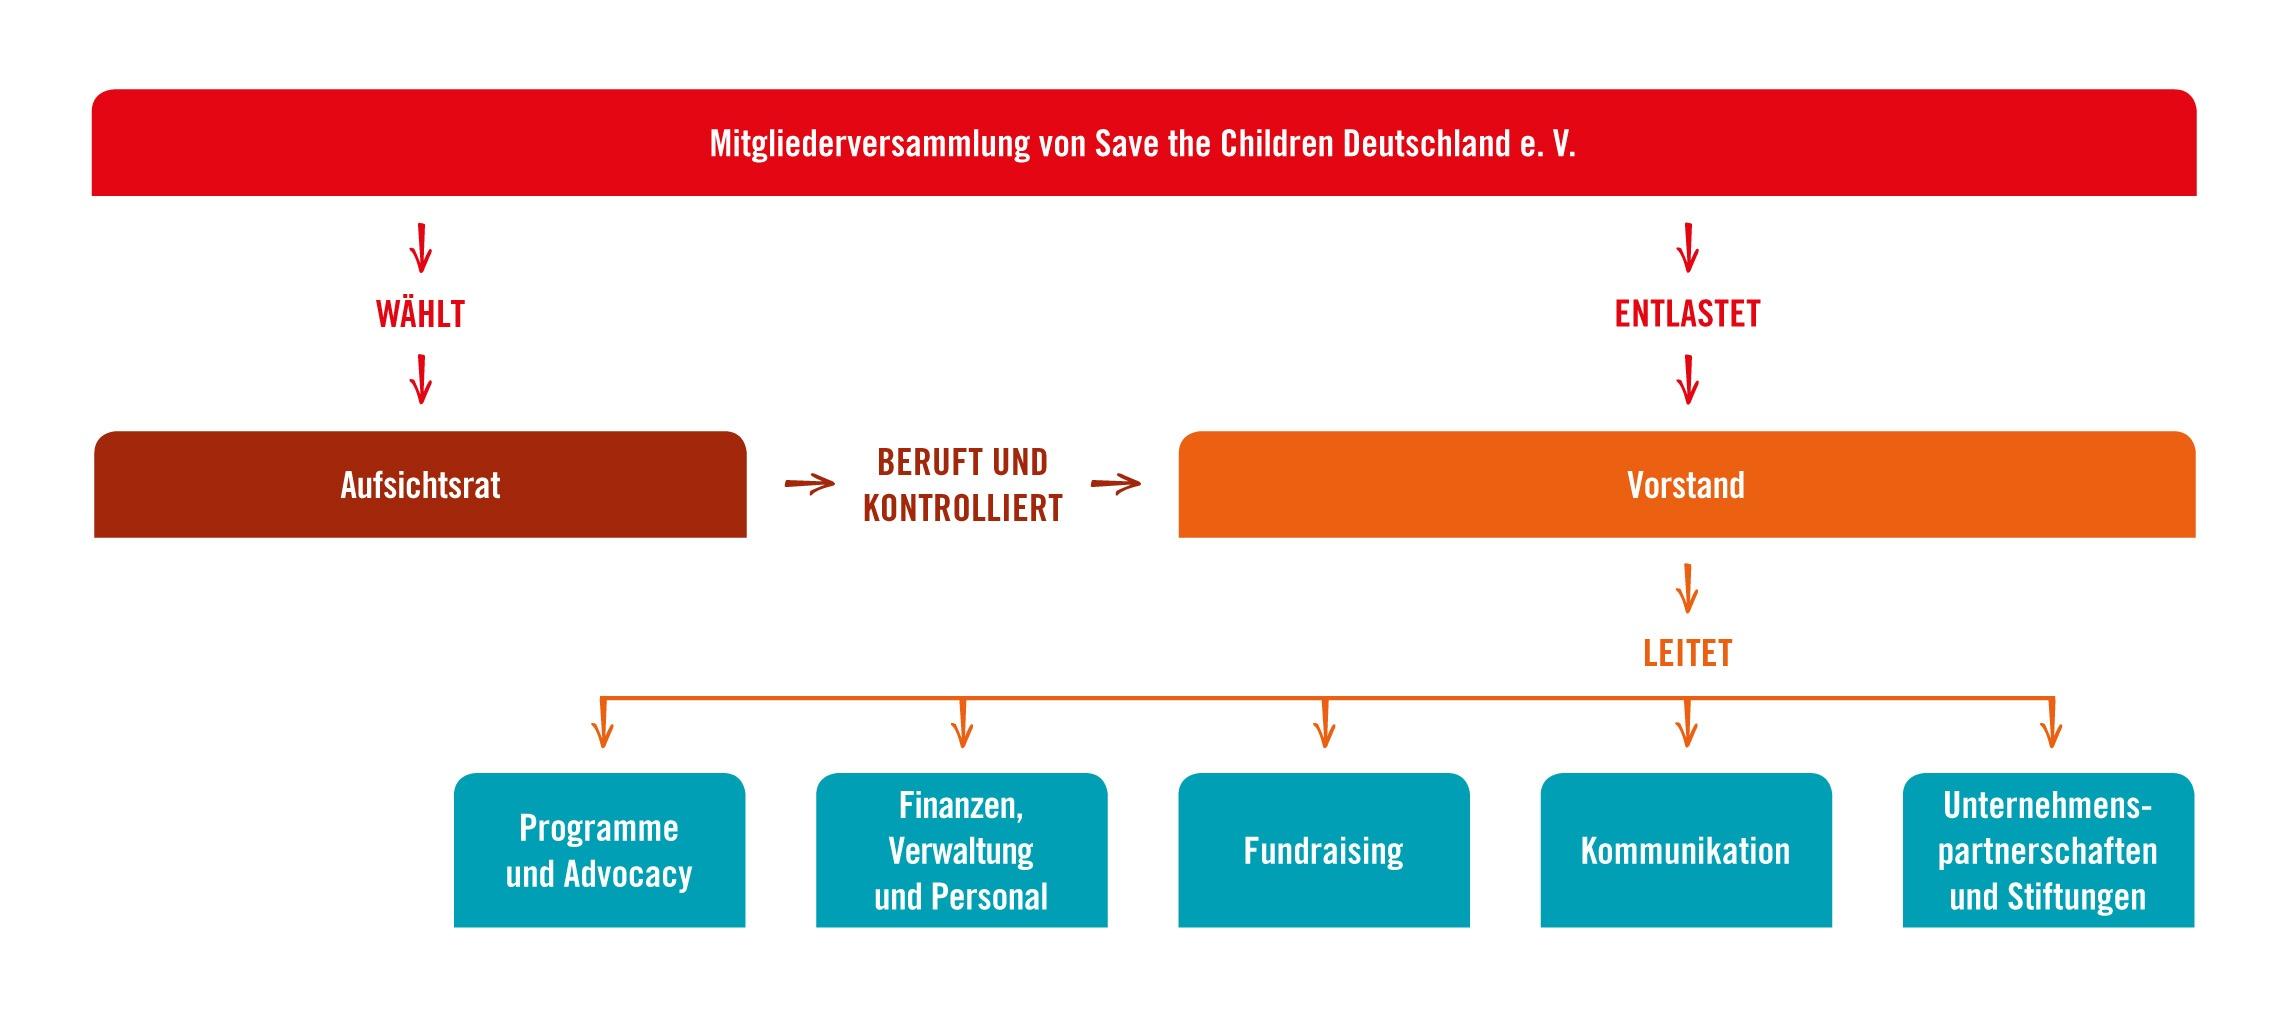 organisationsstruktur save the children deutschland. Black Bedroom Furniture Sets. Home Design Ideas